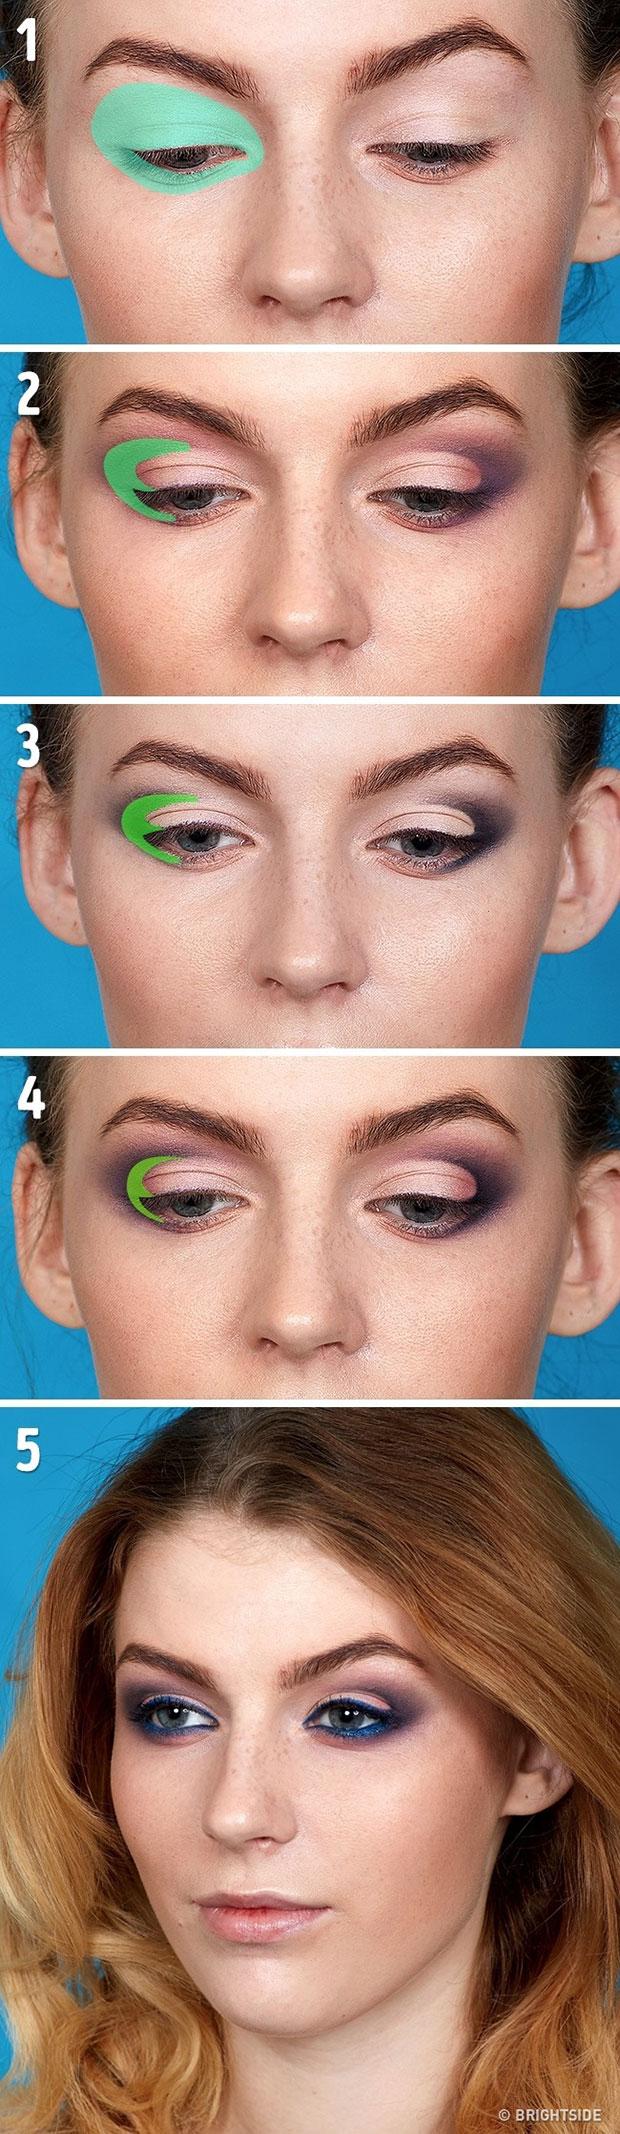 เทคนิคการแต่งตาด้วยดินสอเขียนขอบตา